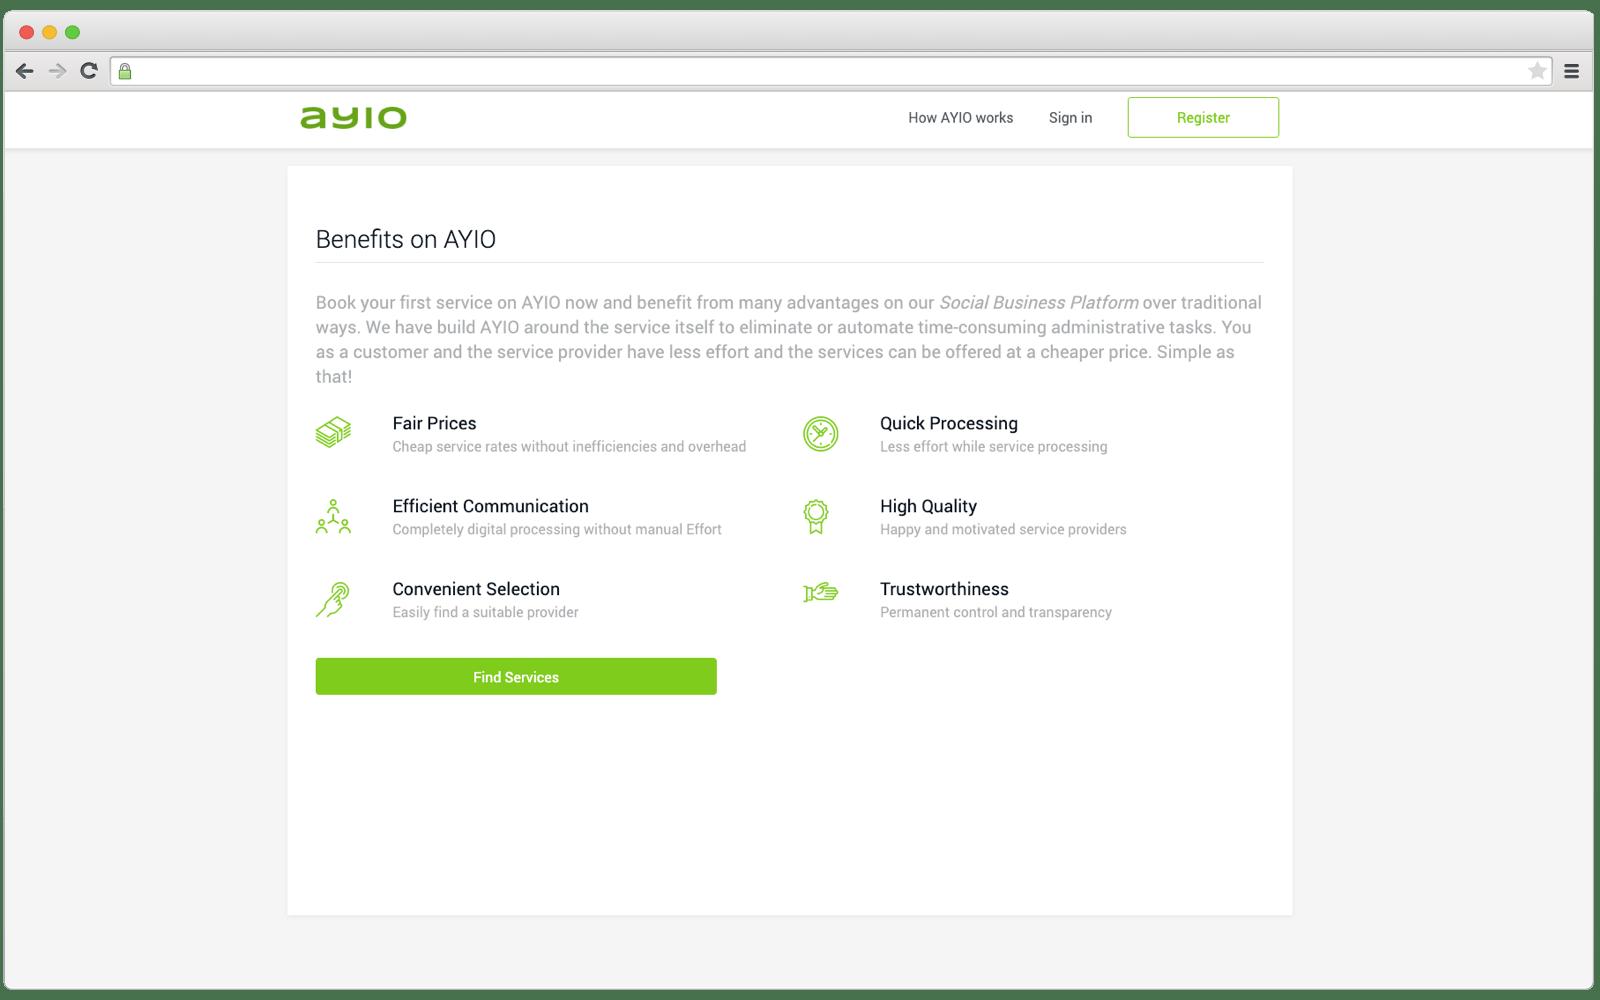 AYIO platform benefits